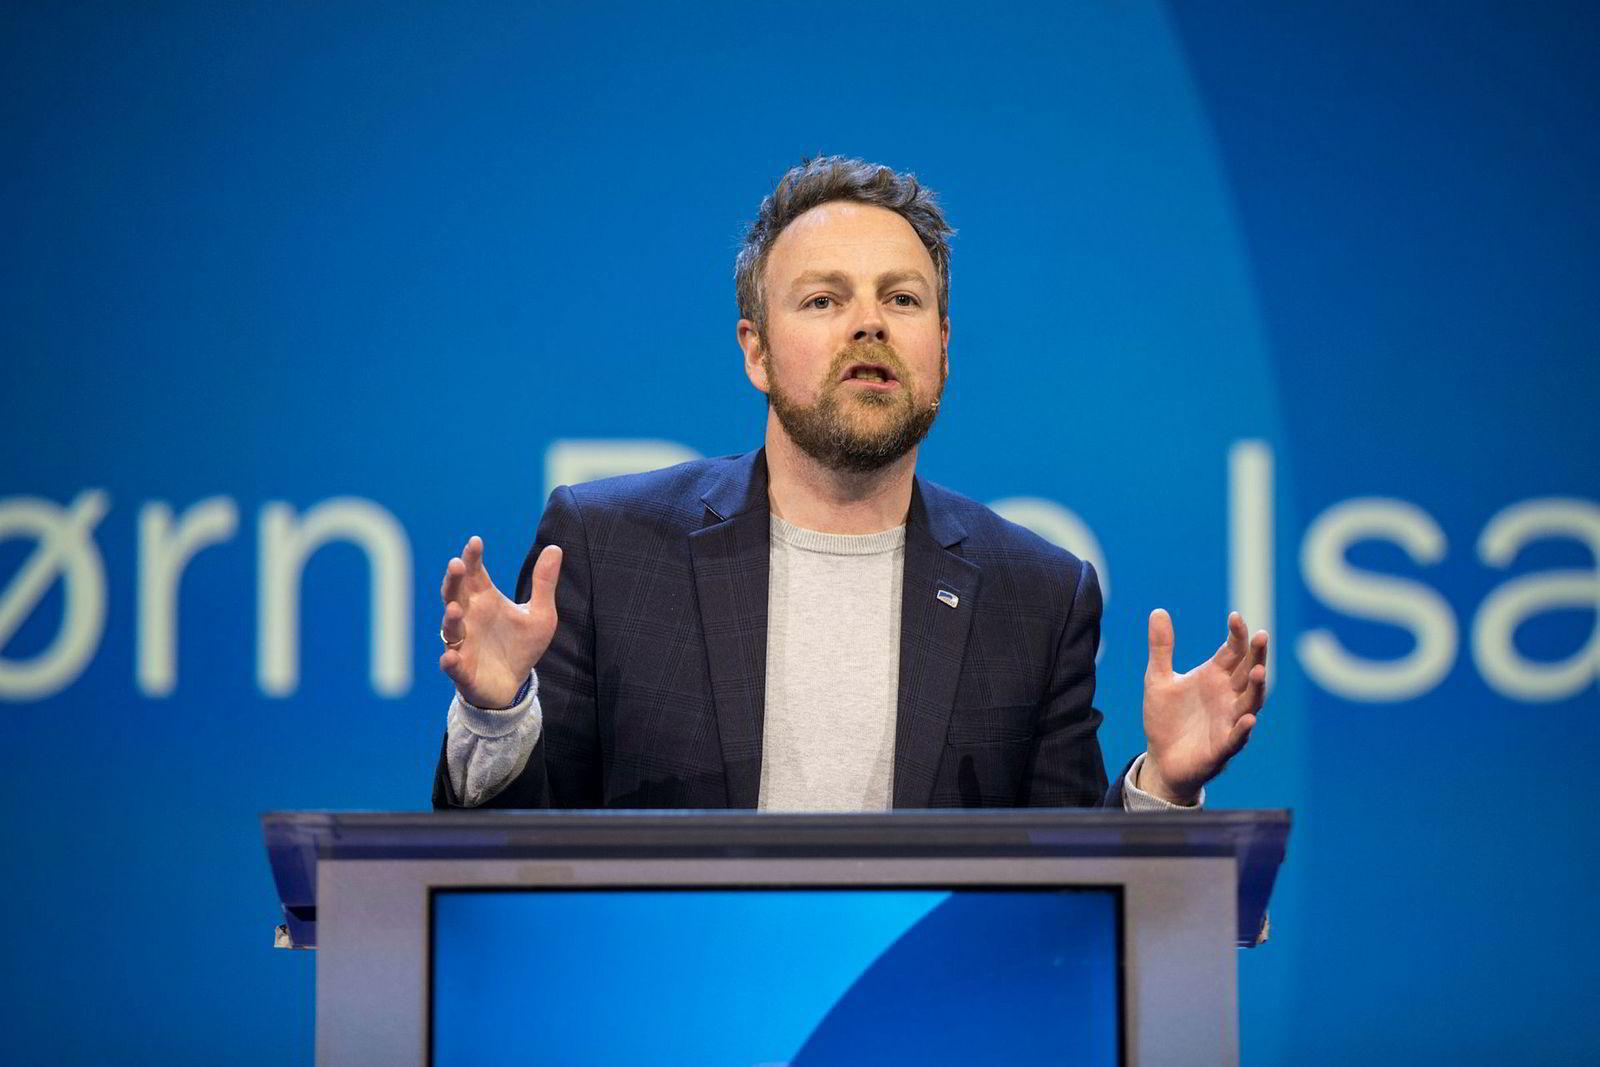 Næringsminister Torbjørn Røe Isaksen (H) på talerstolen under Høyres landsmøte.